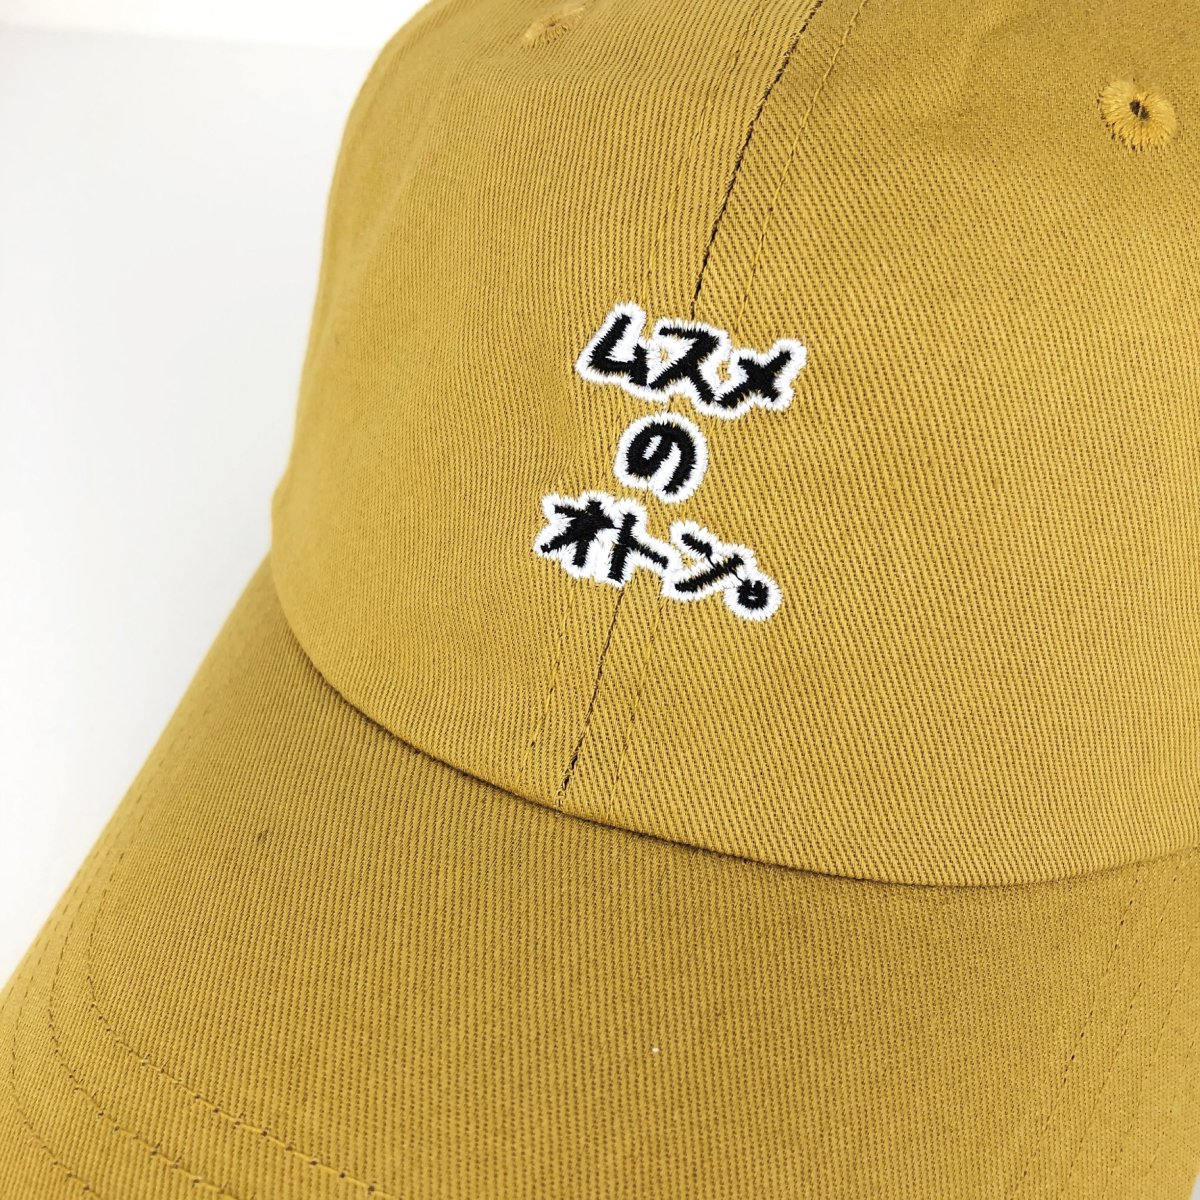 O2M2 Shisyu Cap 詳細画像10